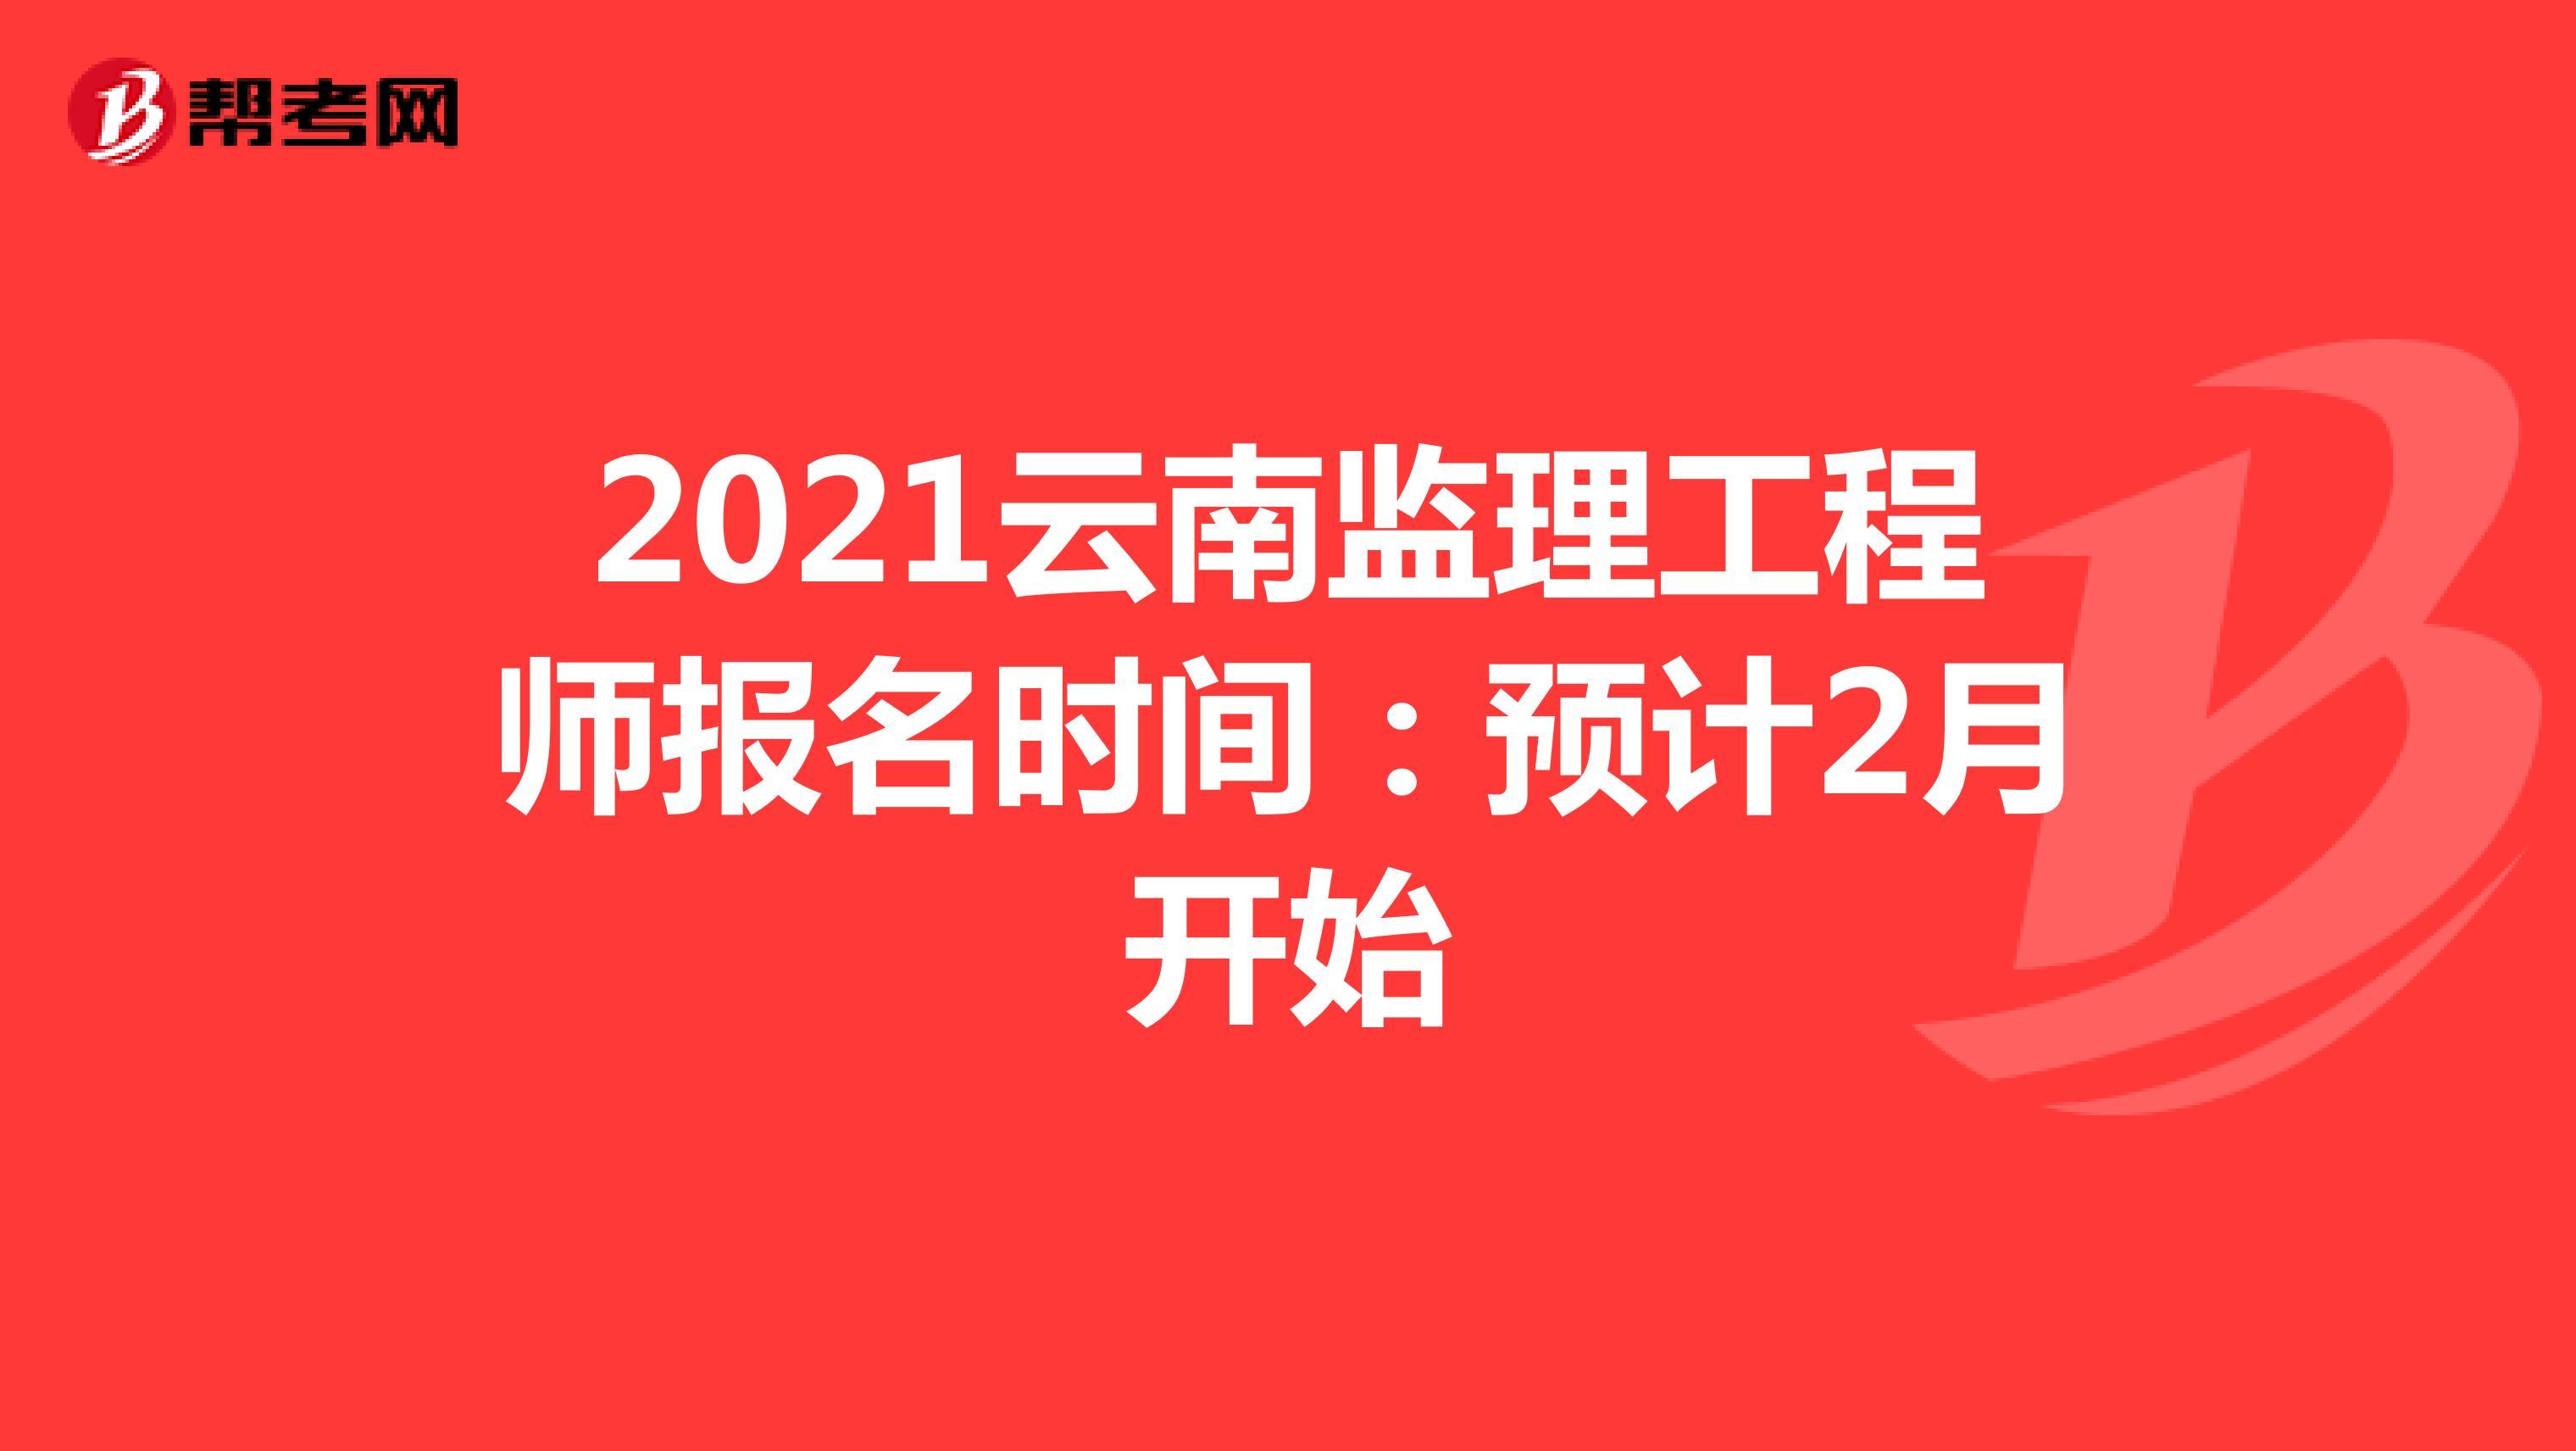 2021云南监理工程师报名时间:预计2月开始